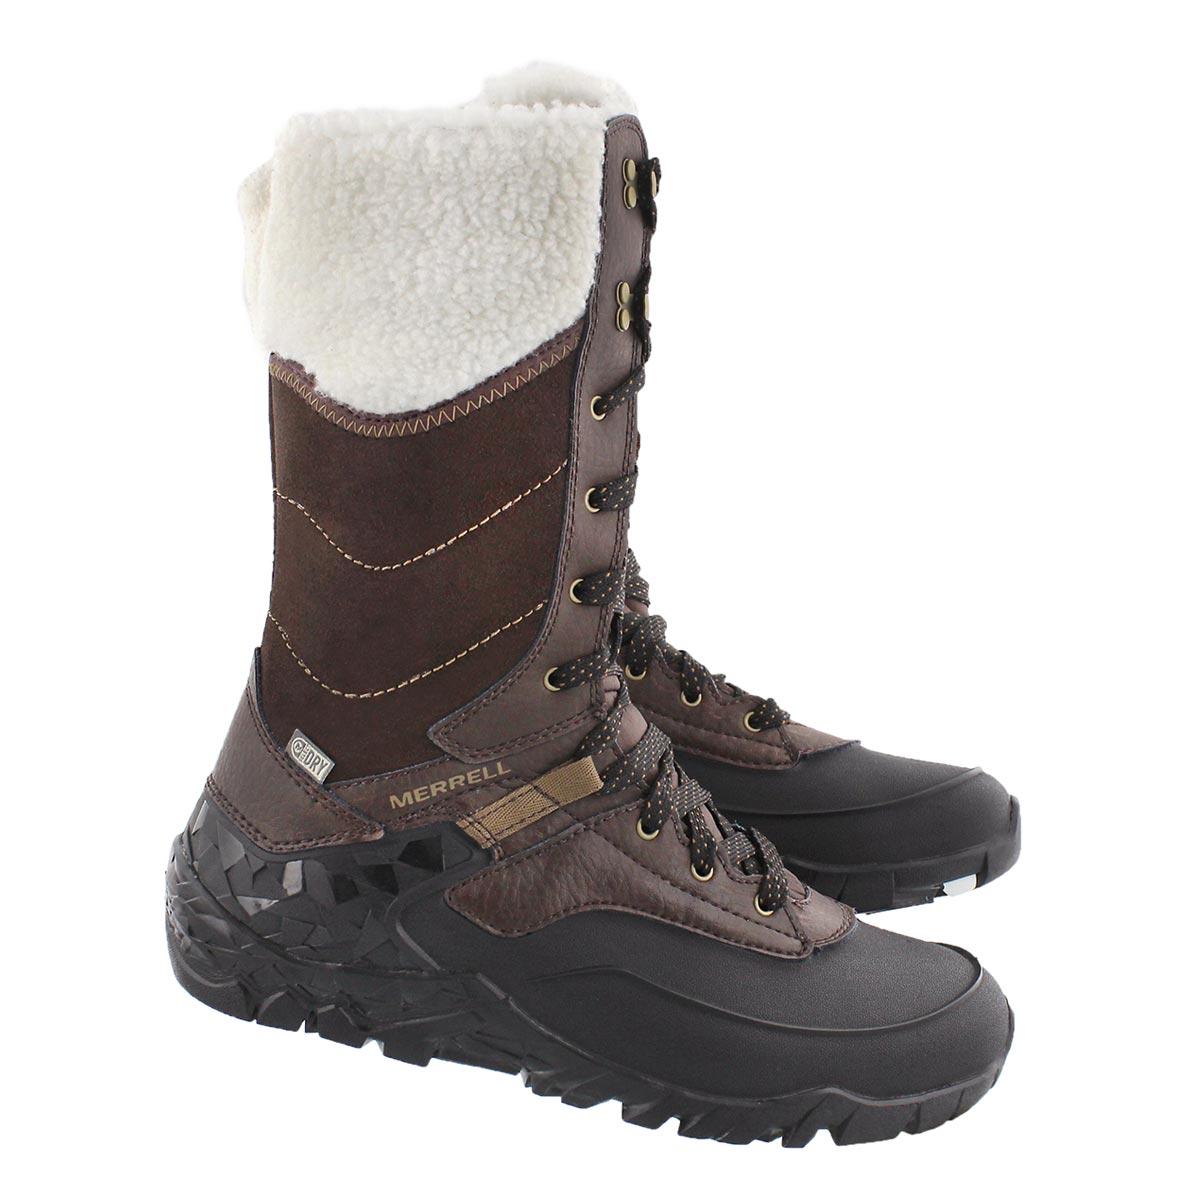 Lds Aurora Tall Ice esp wtpf hiking boot